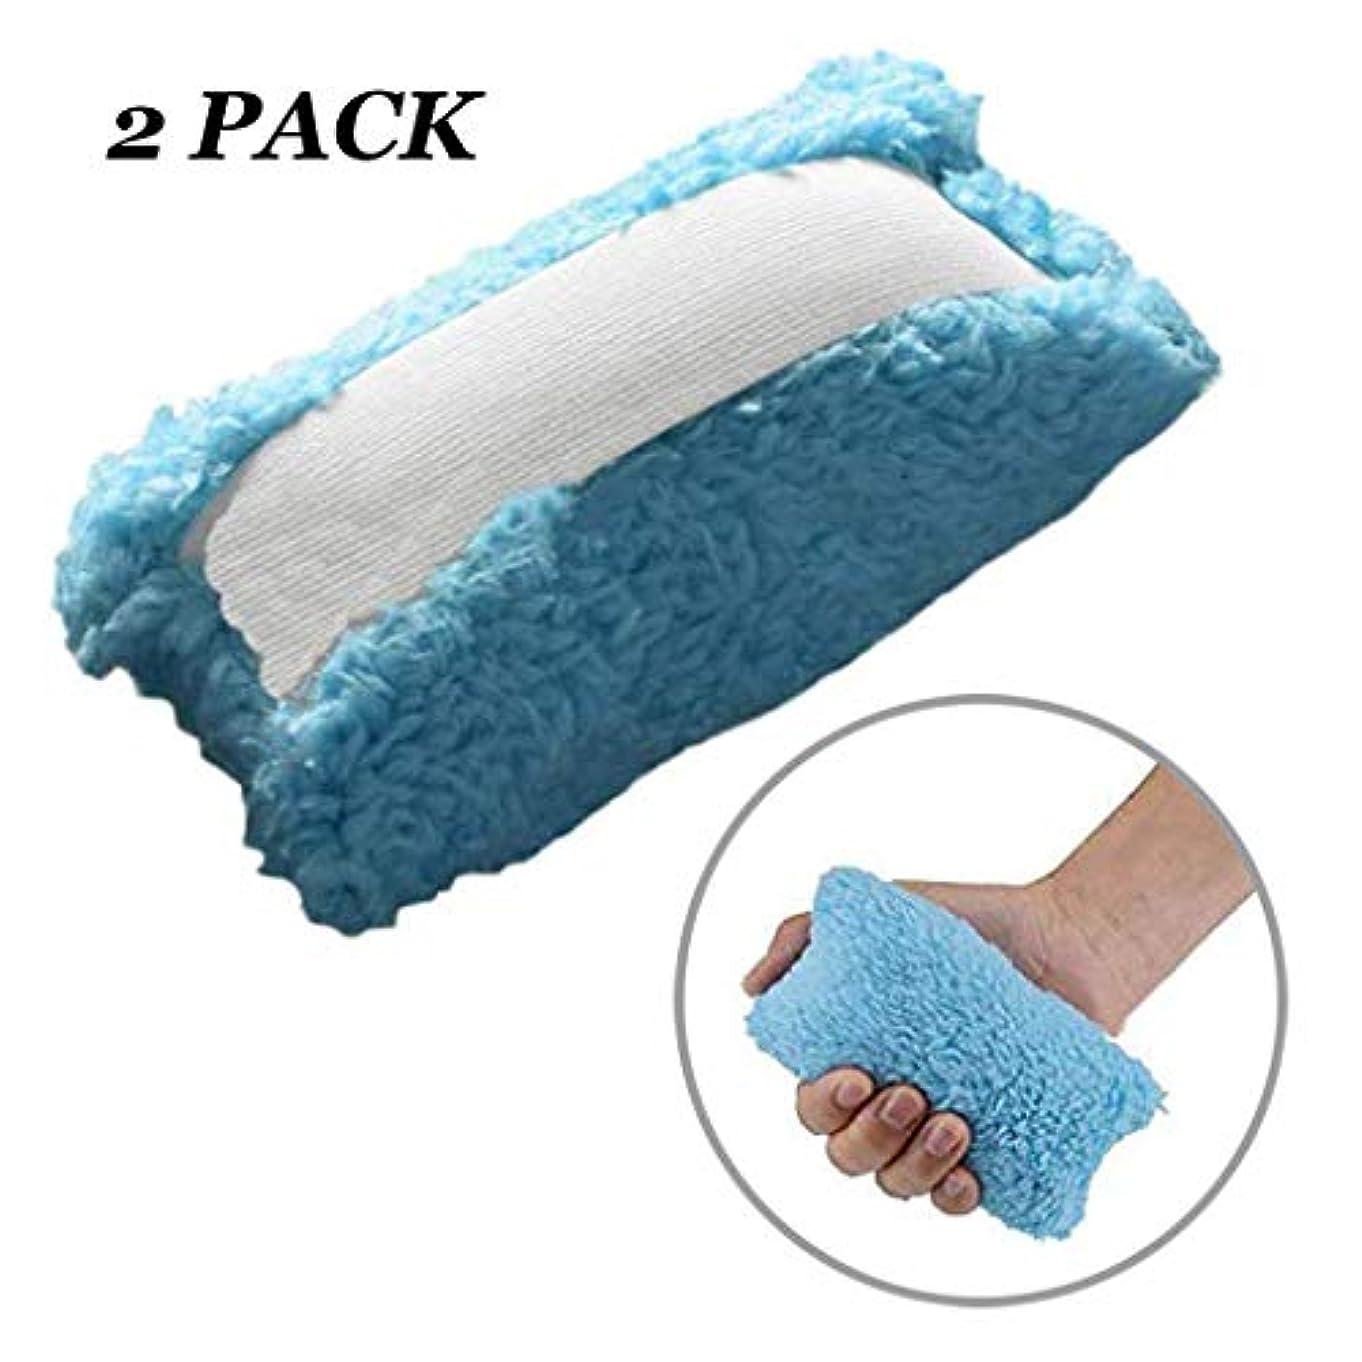 を必要としていますフィード報復脳卒中片麻痺のための指分離拘縮クッション、指をつまむ手、通気性、吸湿性高齢者ケアパッドを防ぐ,2pcs